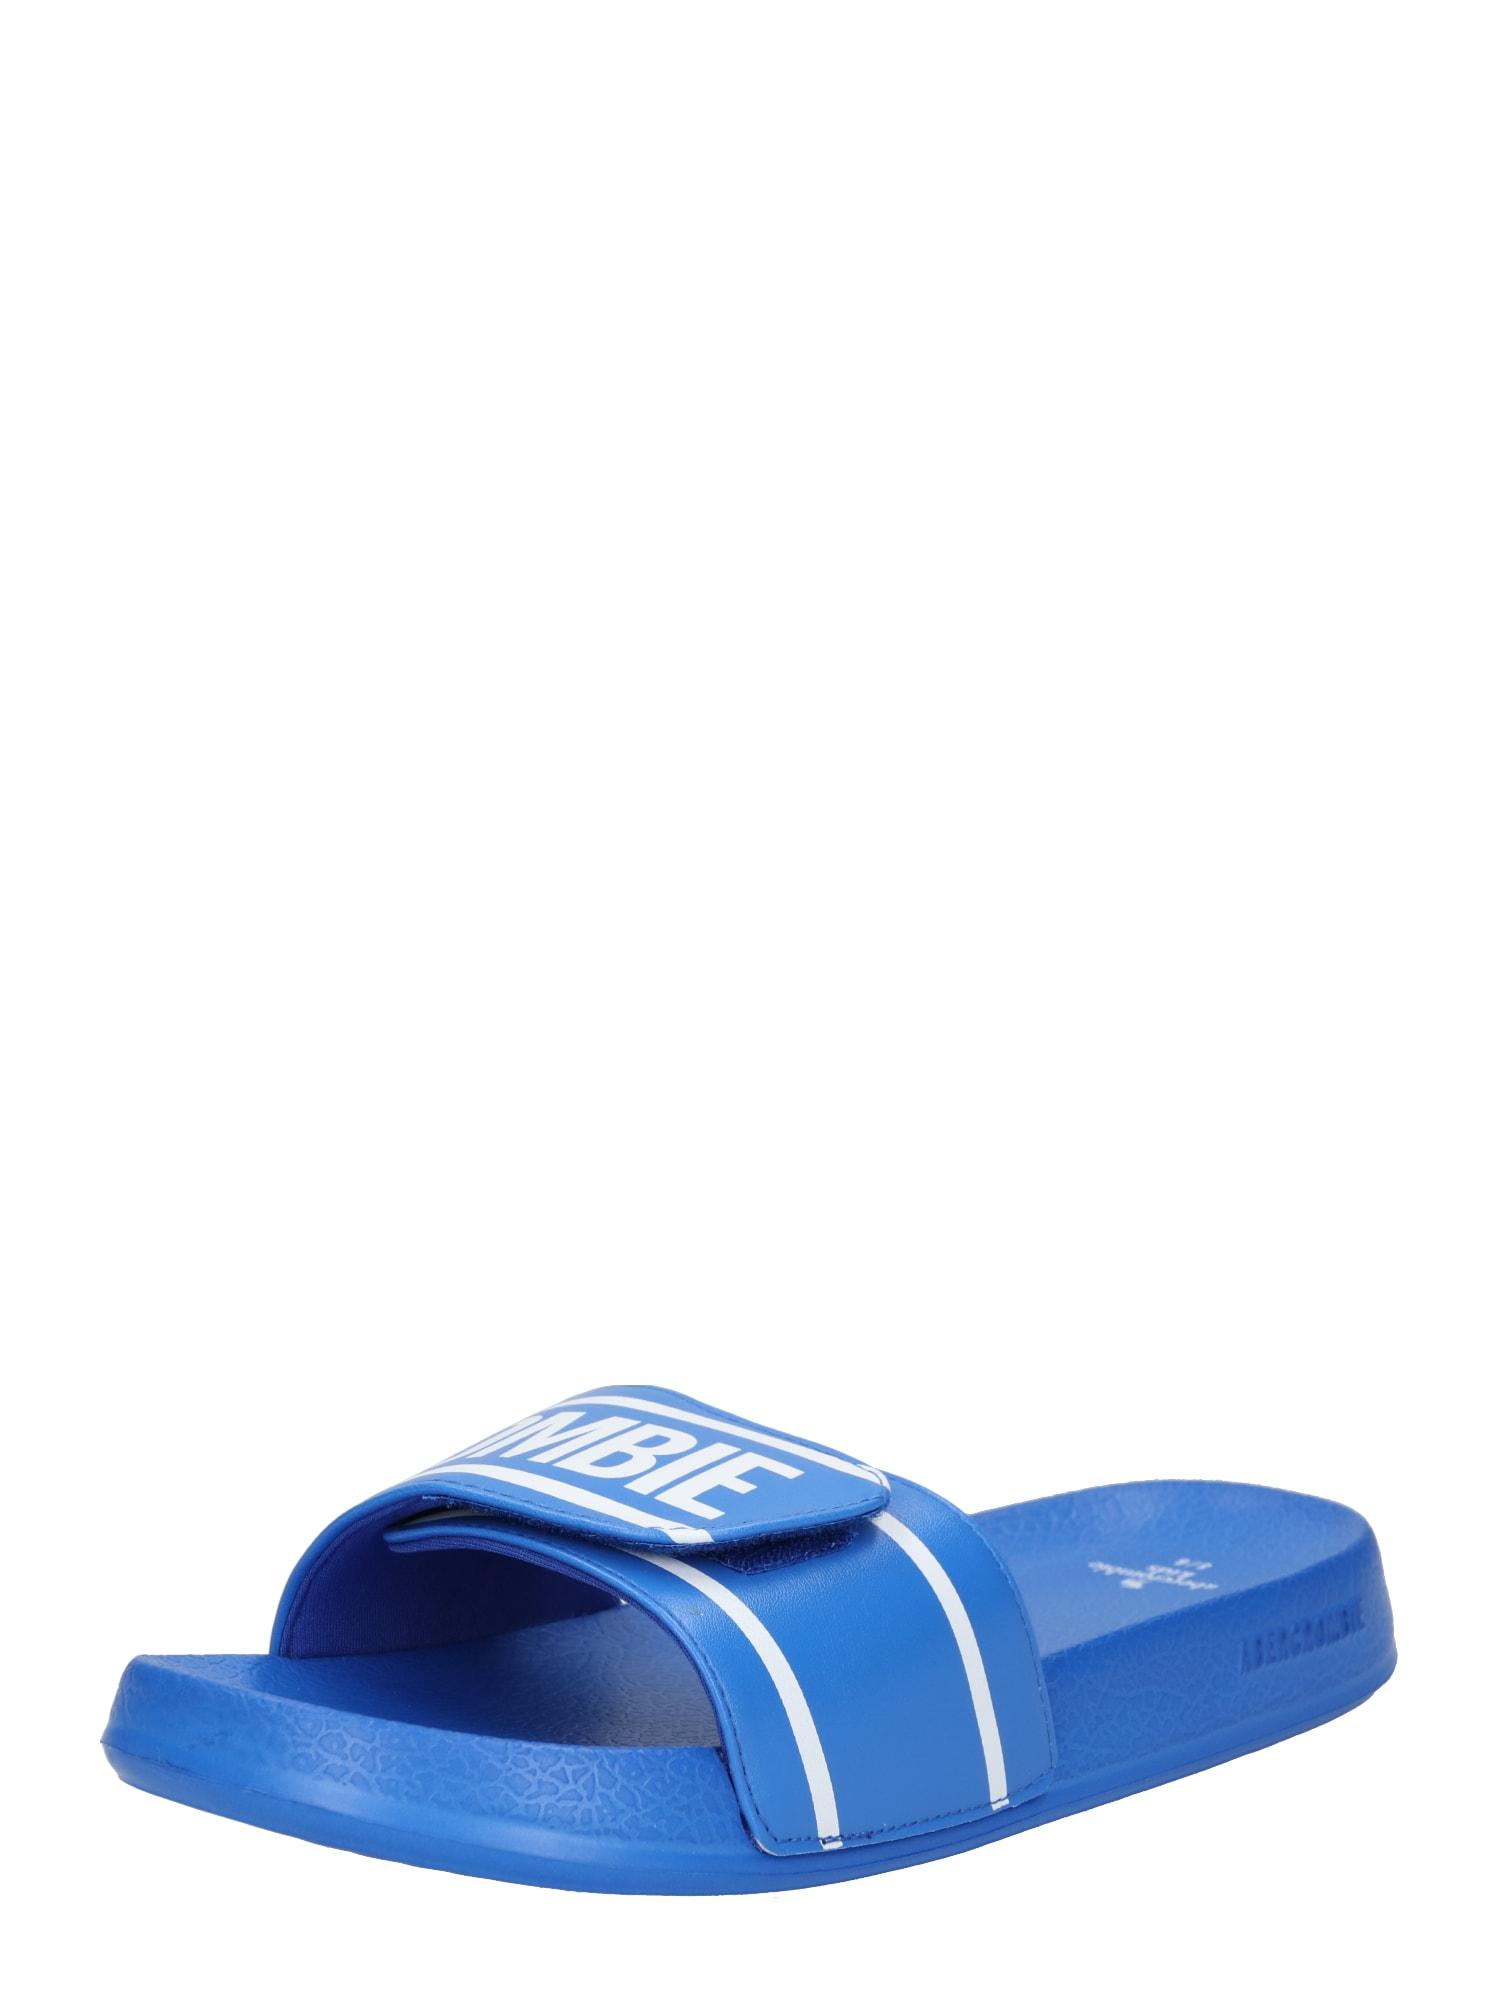 Plážovákoupací obuv modrá Abercrombie & Fitch